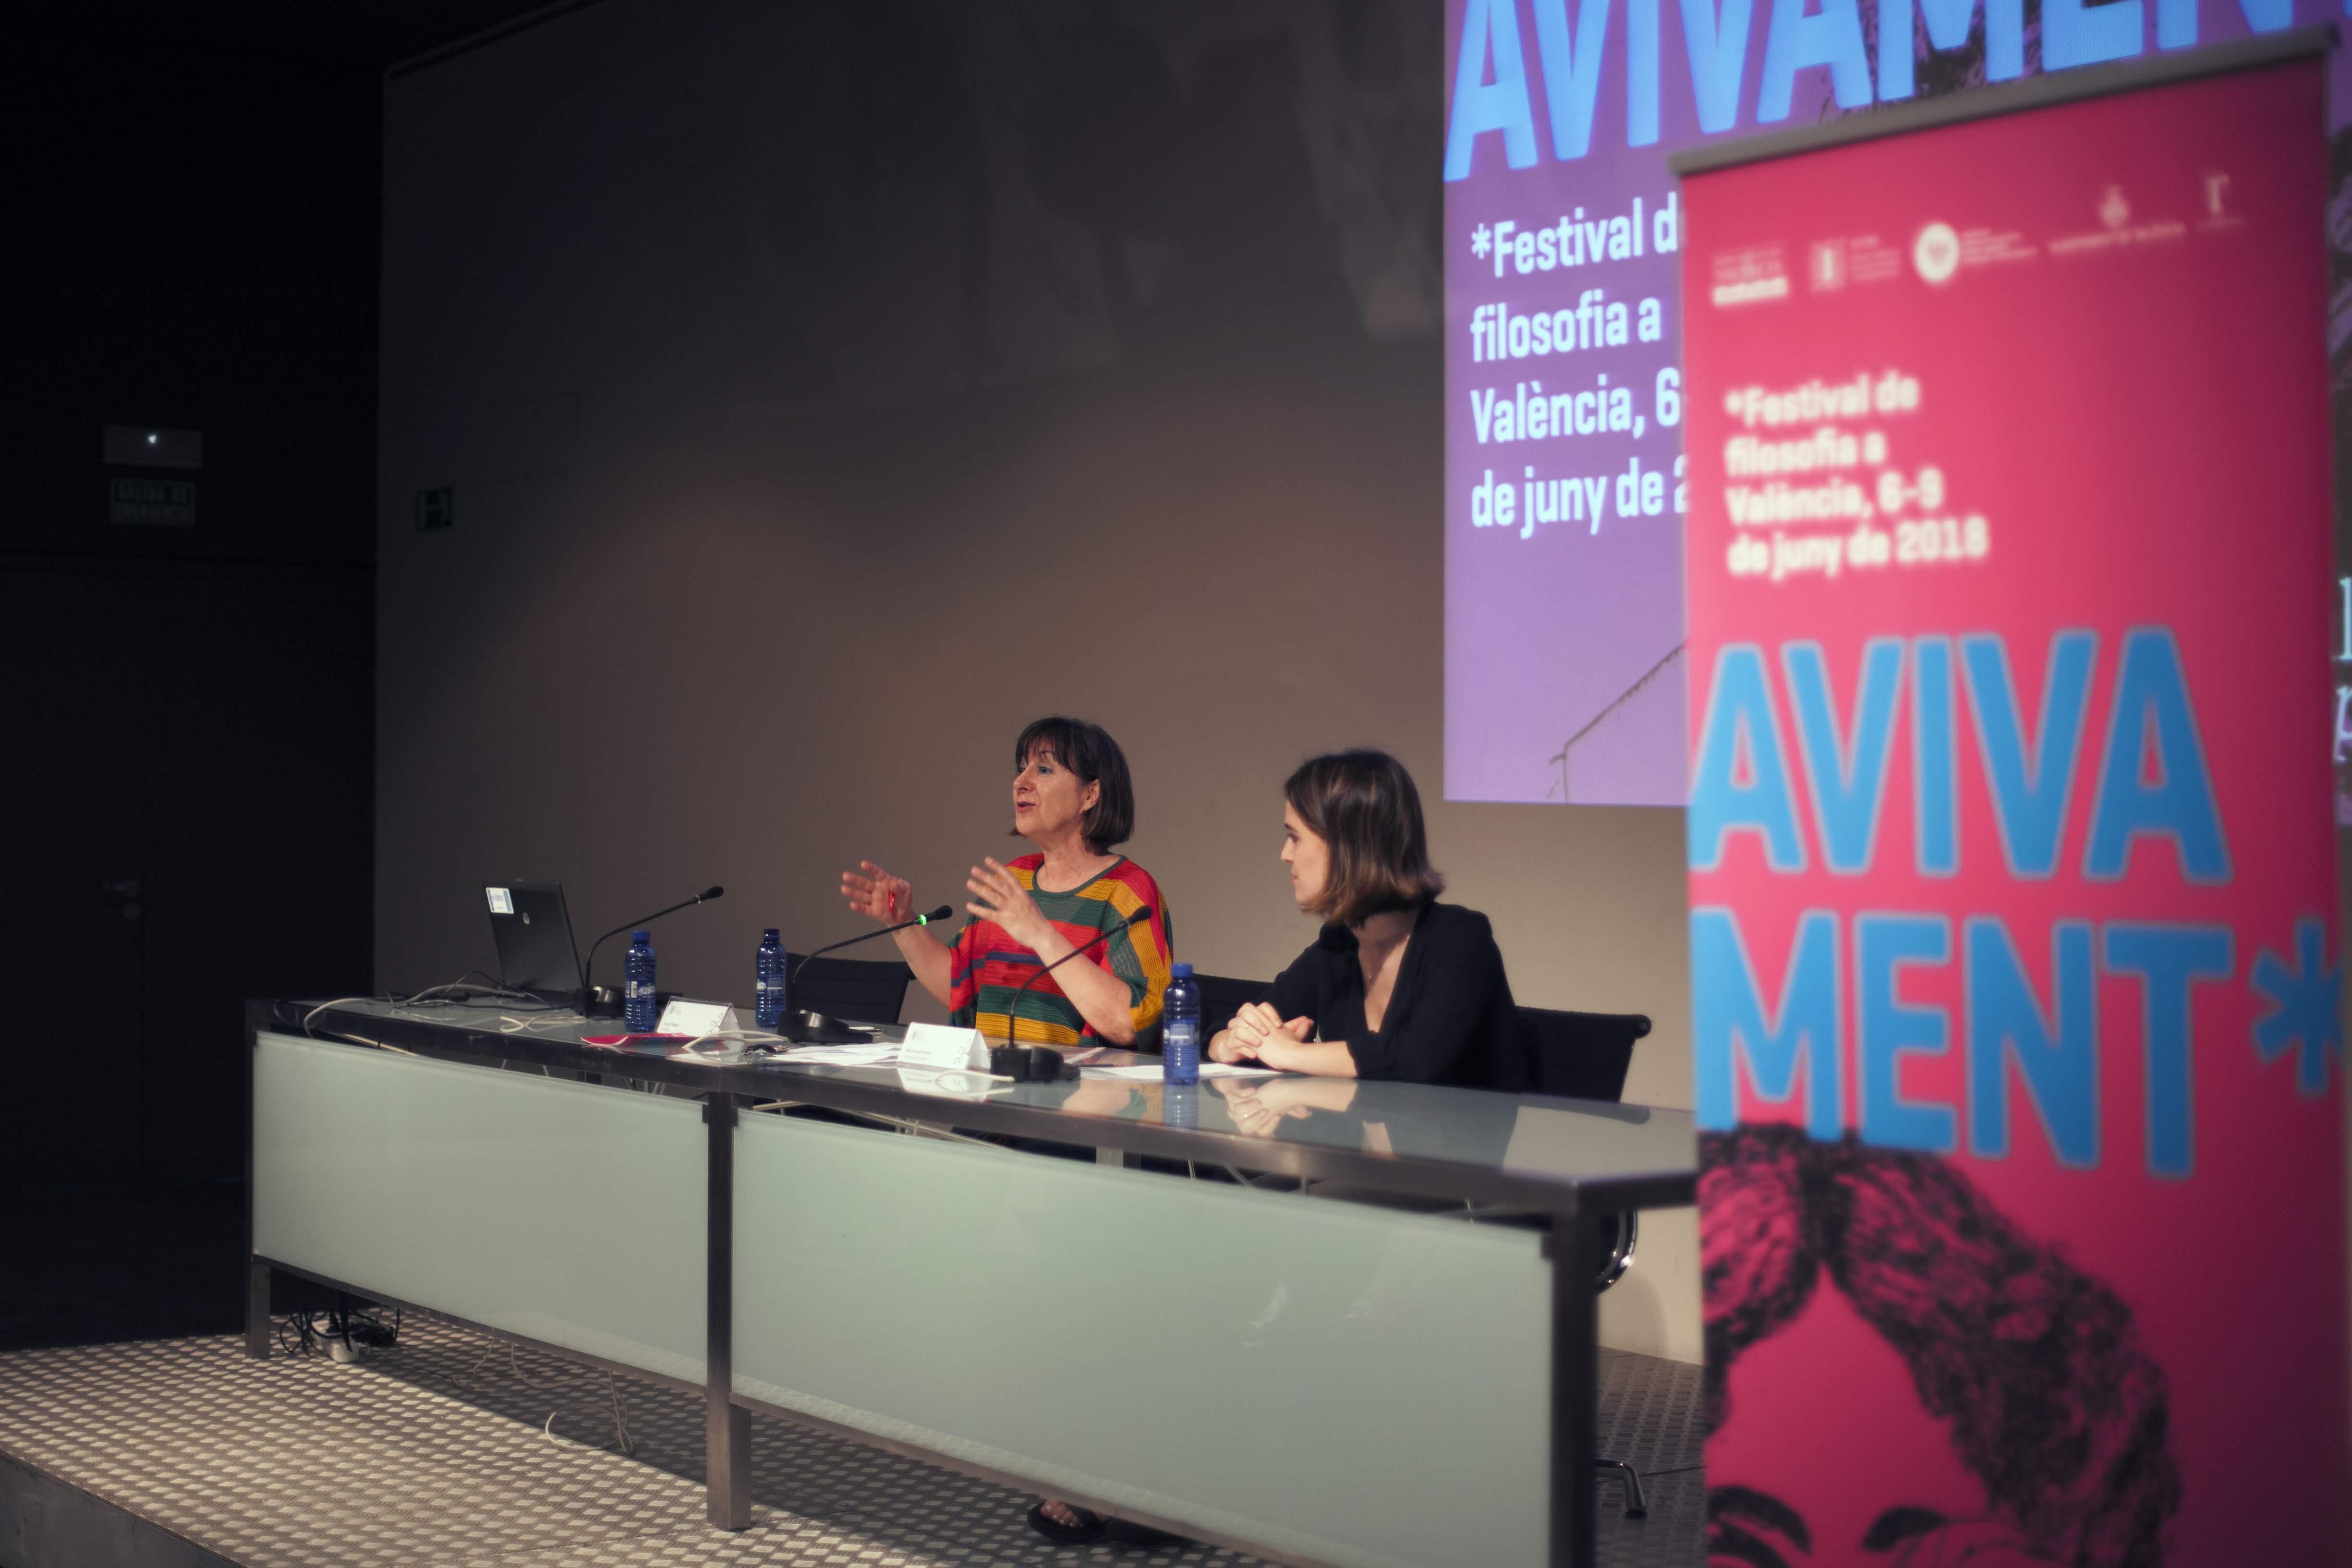 Entrevista amb Ana de Miguel [a propòsit d'Avivament2018], per Laura Martínez | EldiarioCV.es, 9.6.2018